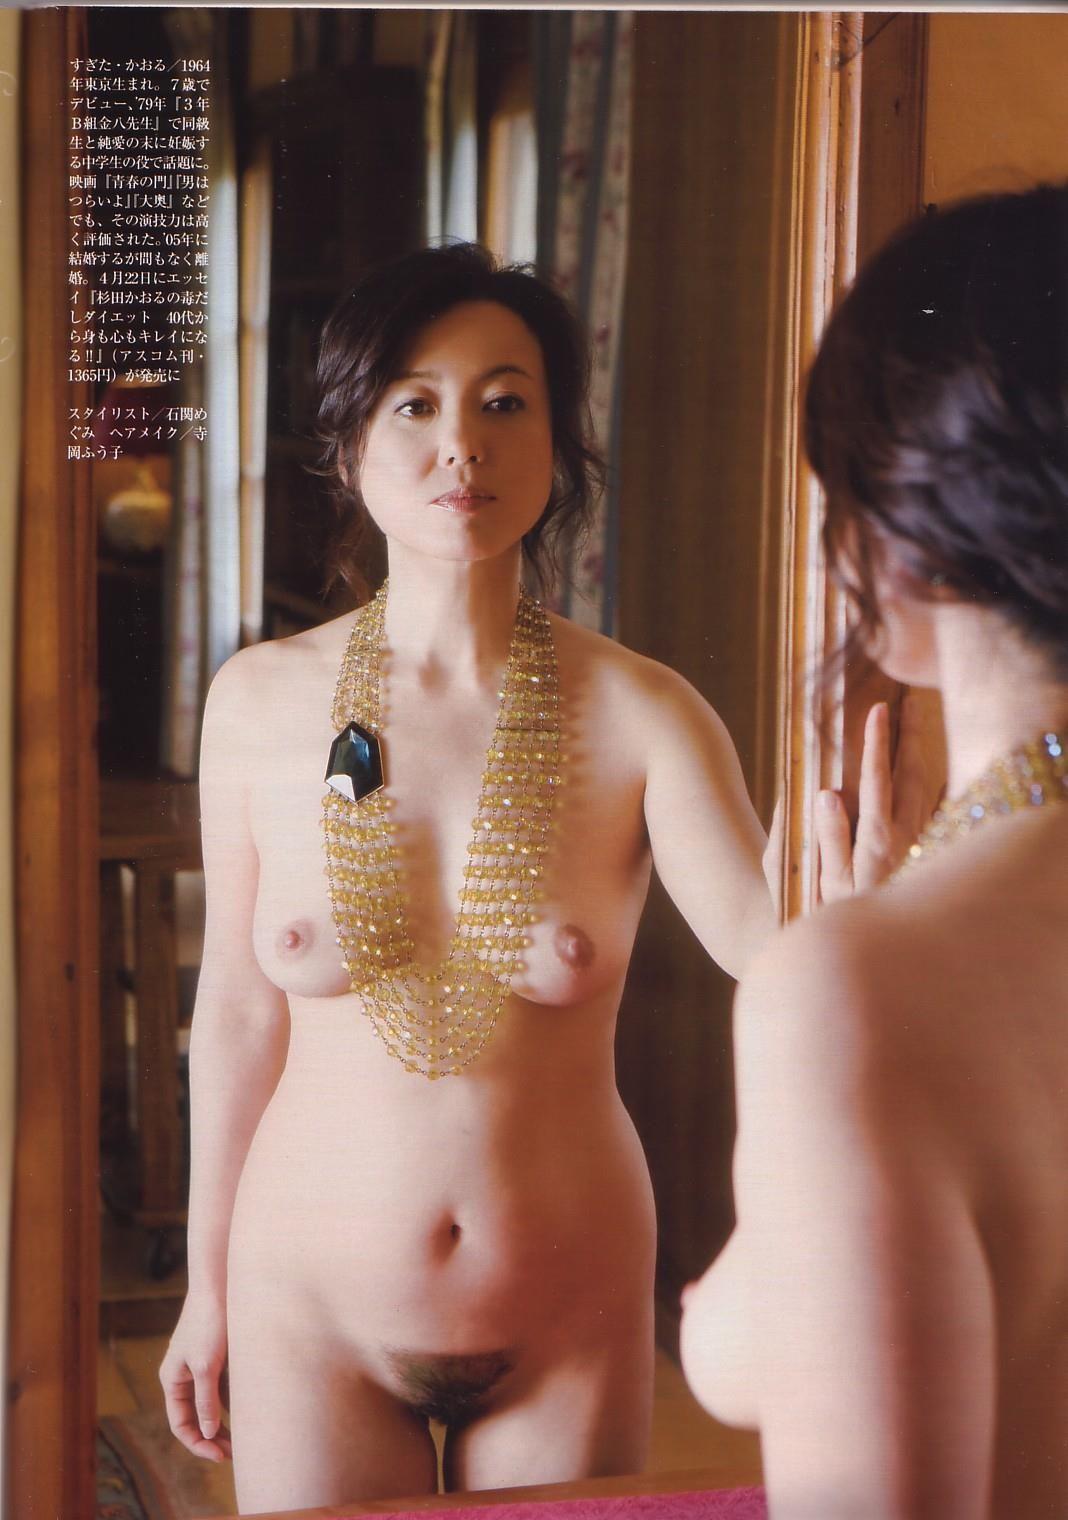 芸能人女優のヘアーヌード写真